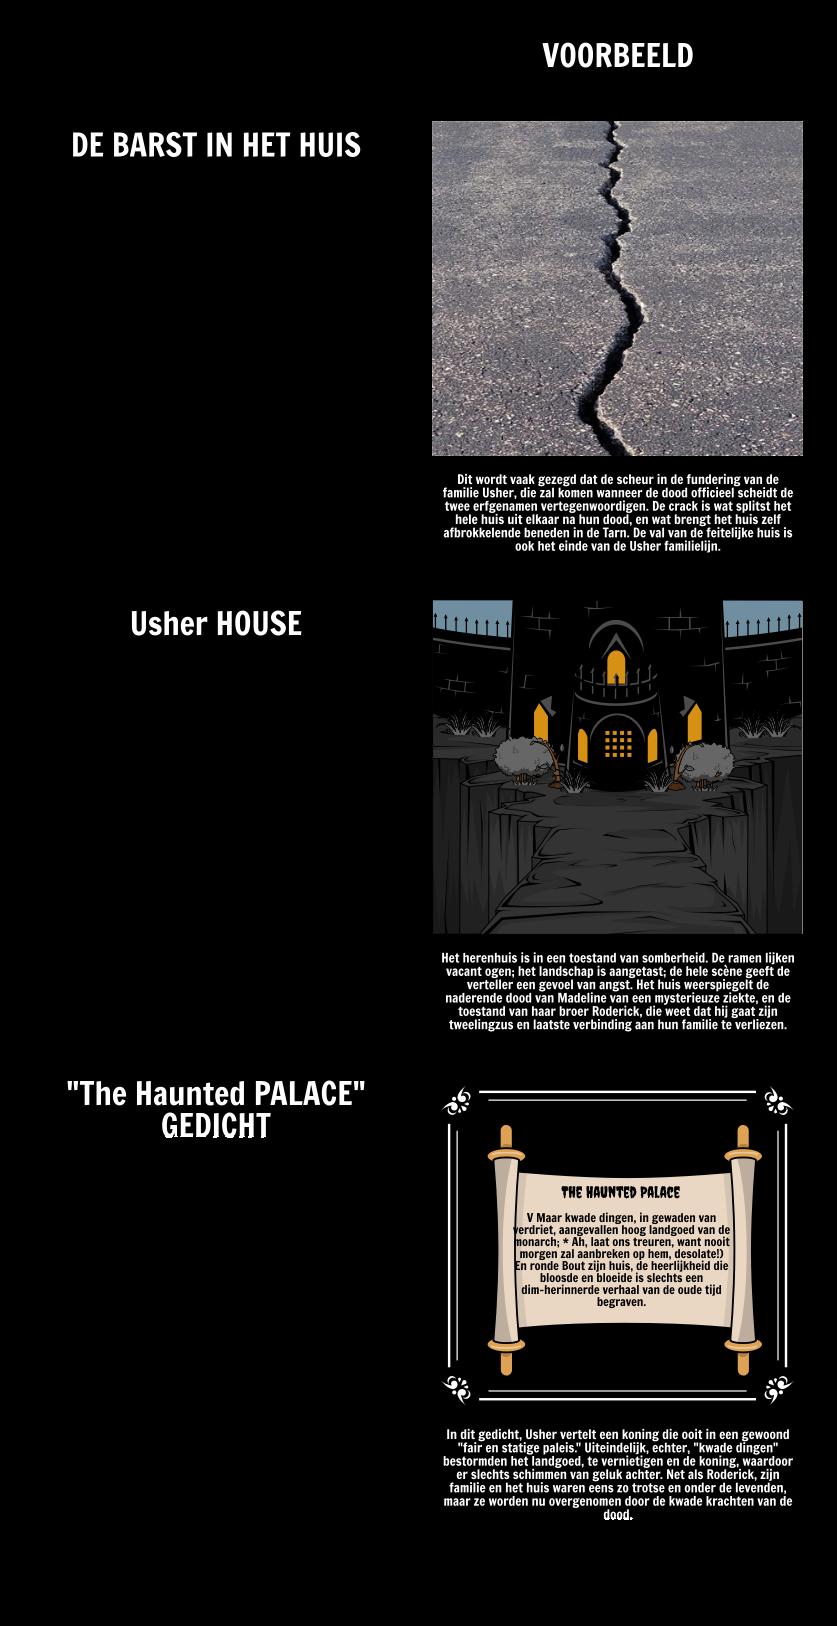 De val van het Huis van Usher's, Motieven en Symbolen